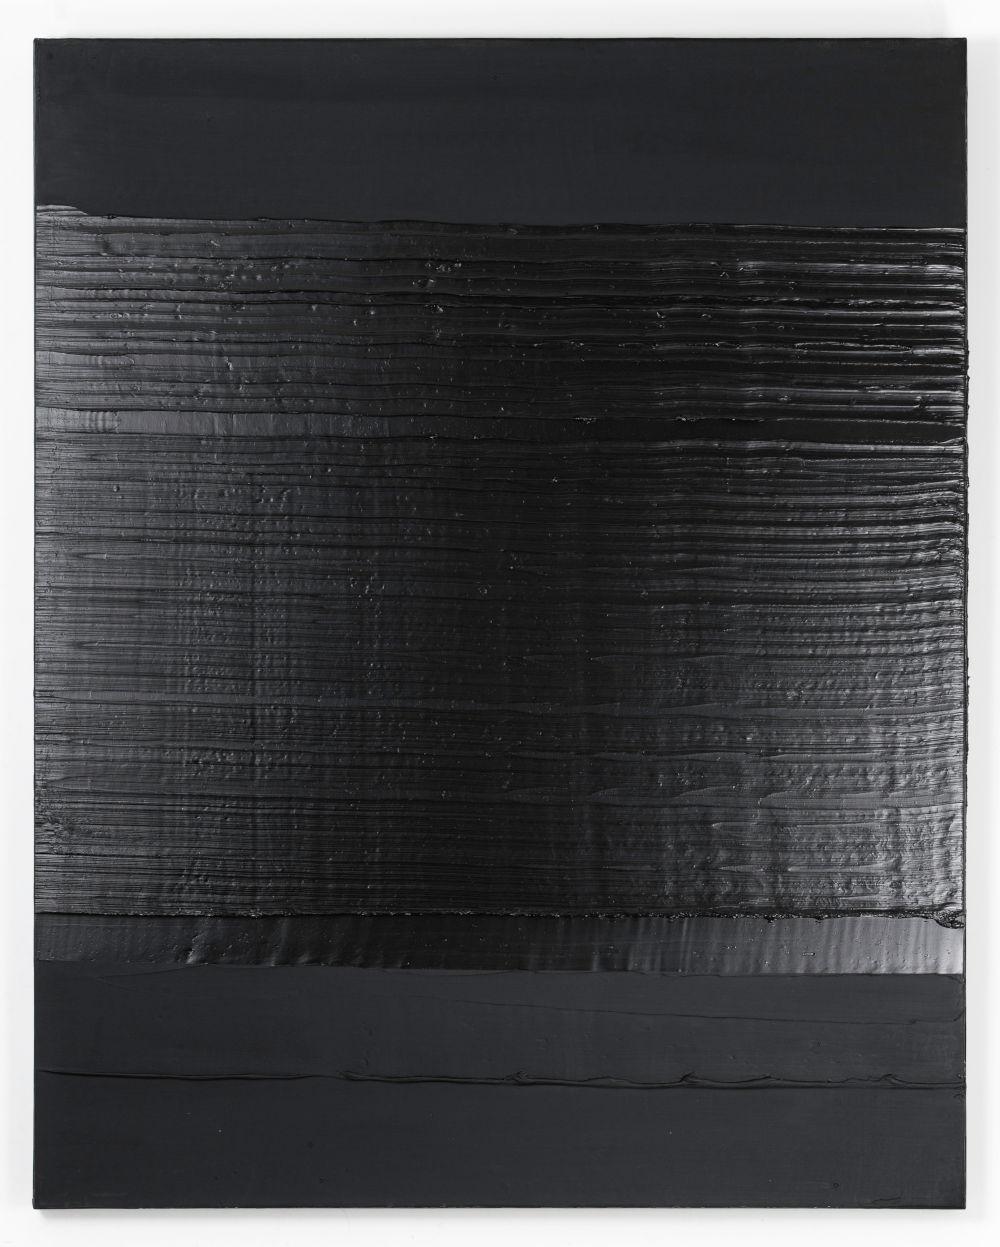 Peinture 165 x 130 cm, 25 juillet 2017